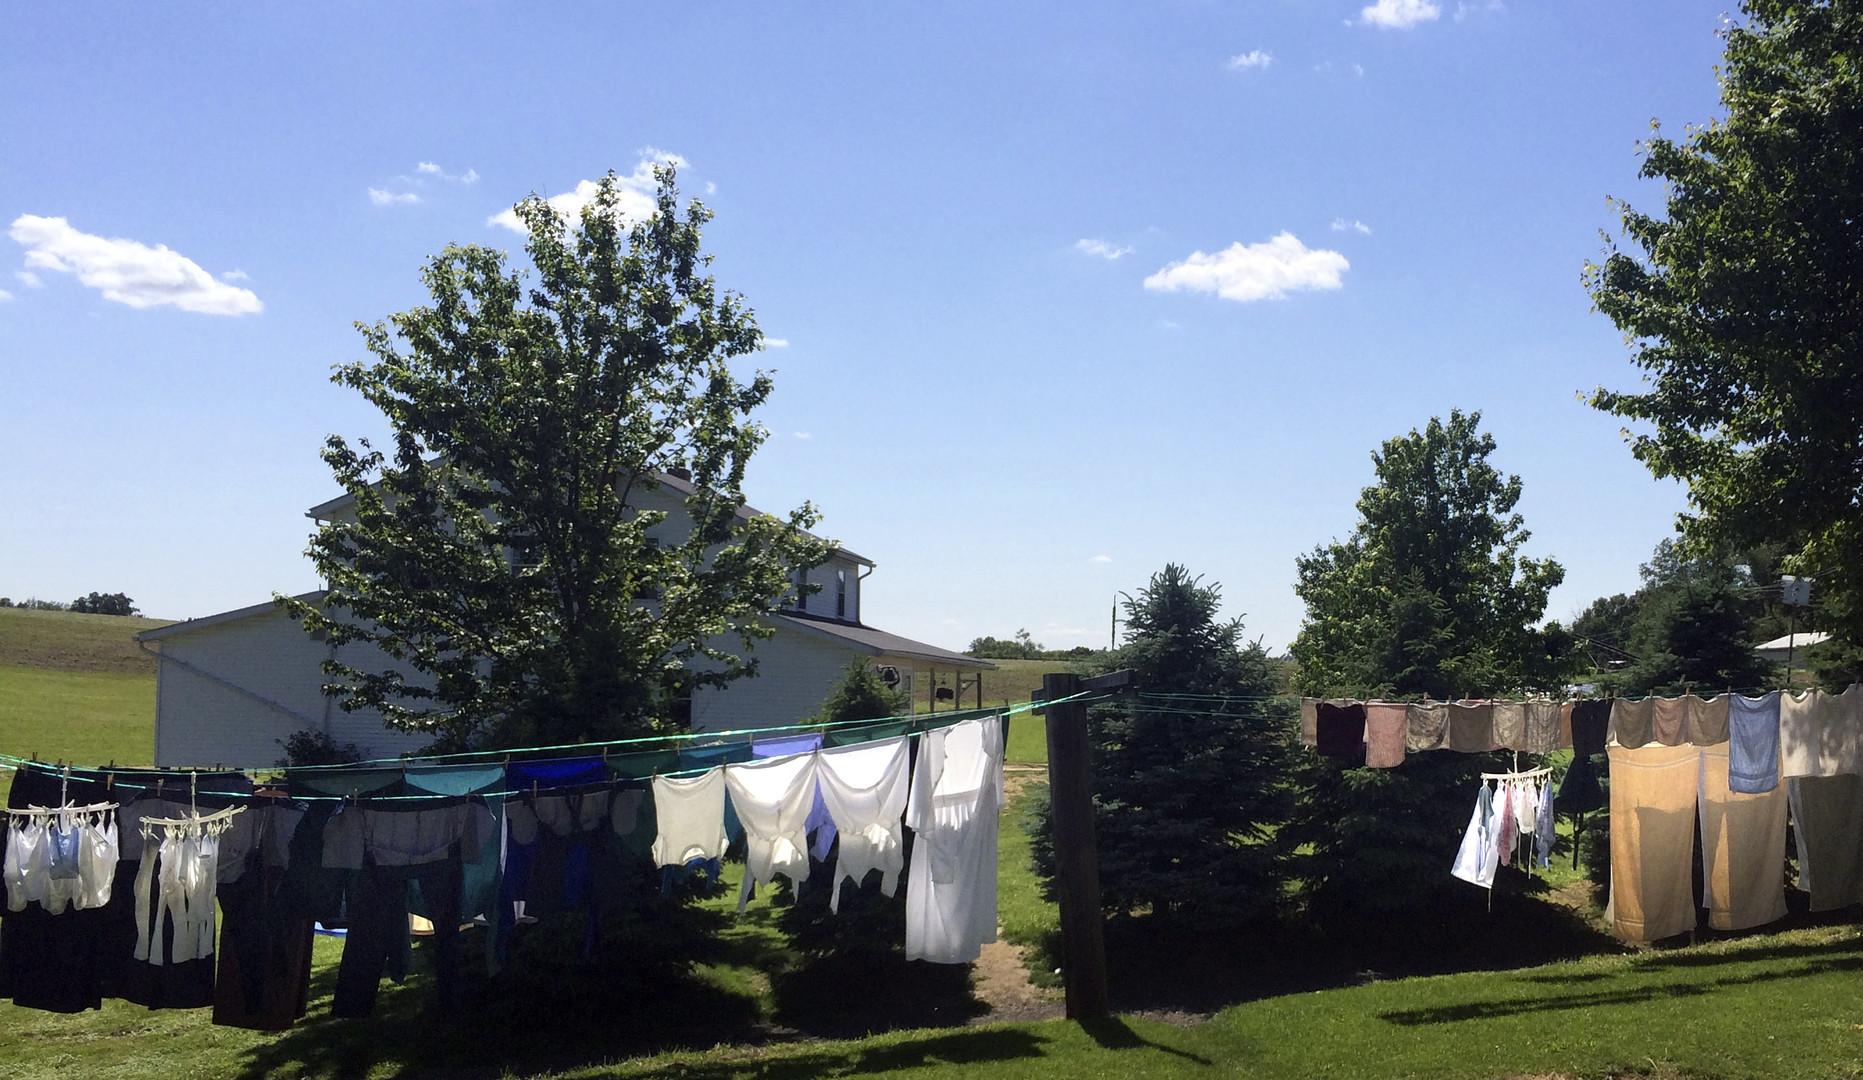 Une maison de la communauté Amish aux Etats-Unis